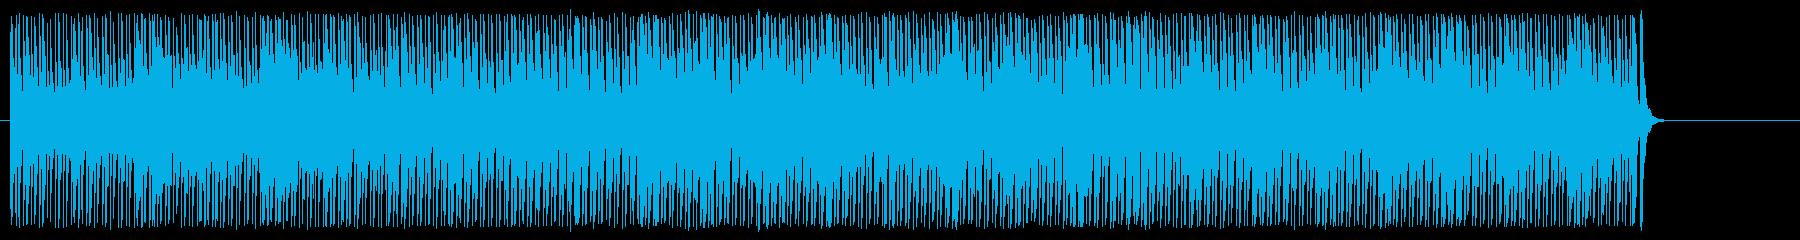 楽しい オープニング 動物 場面転換の再生済みの波形